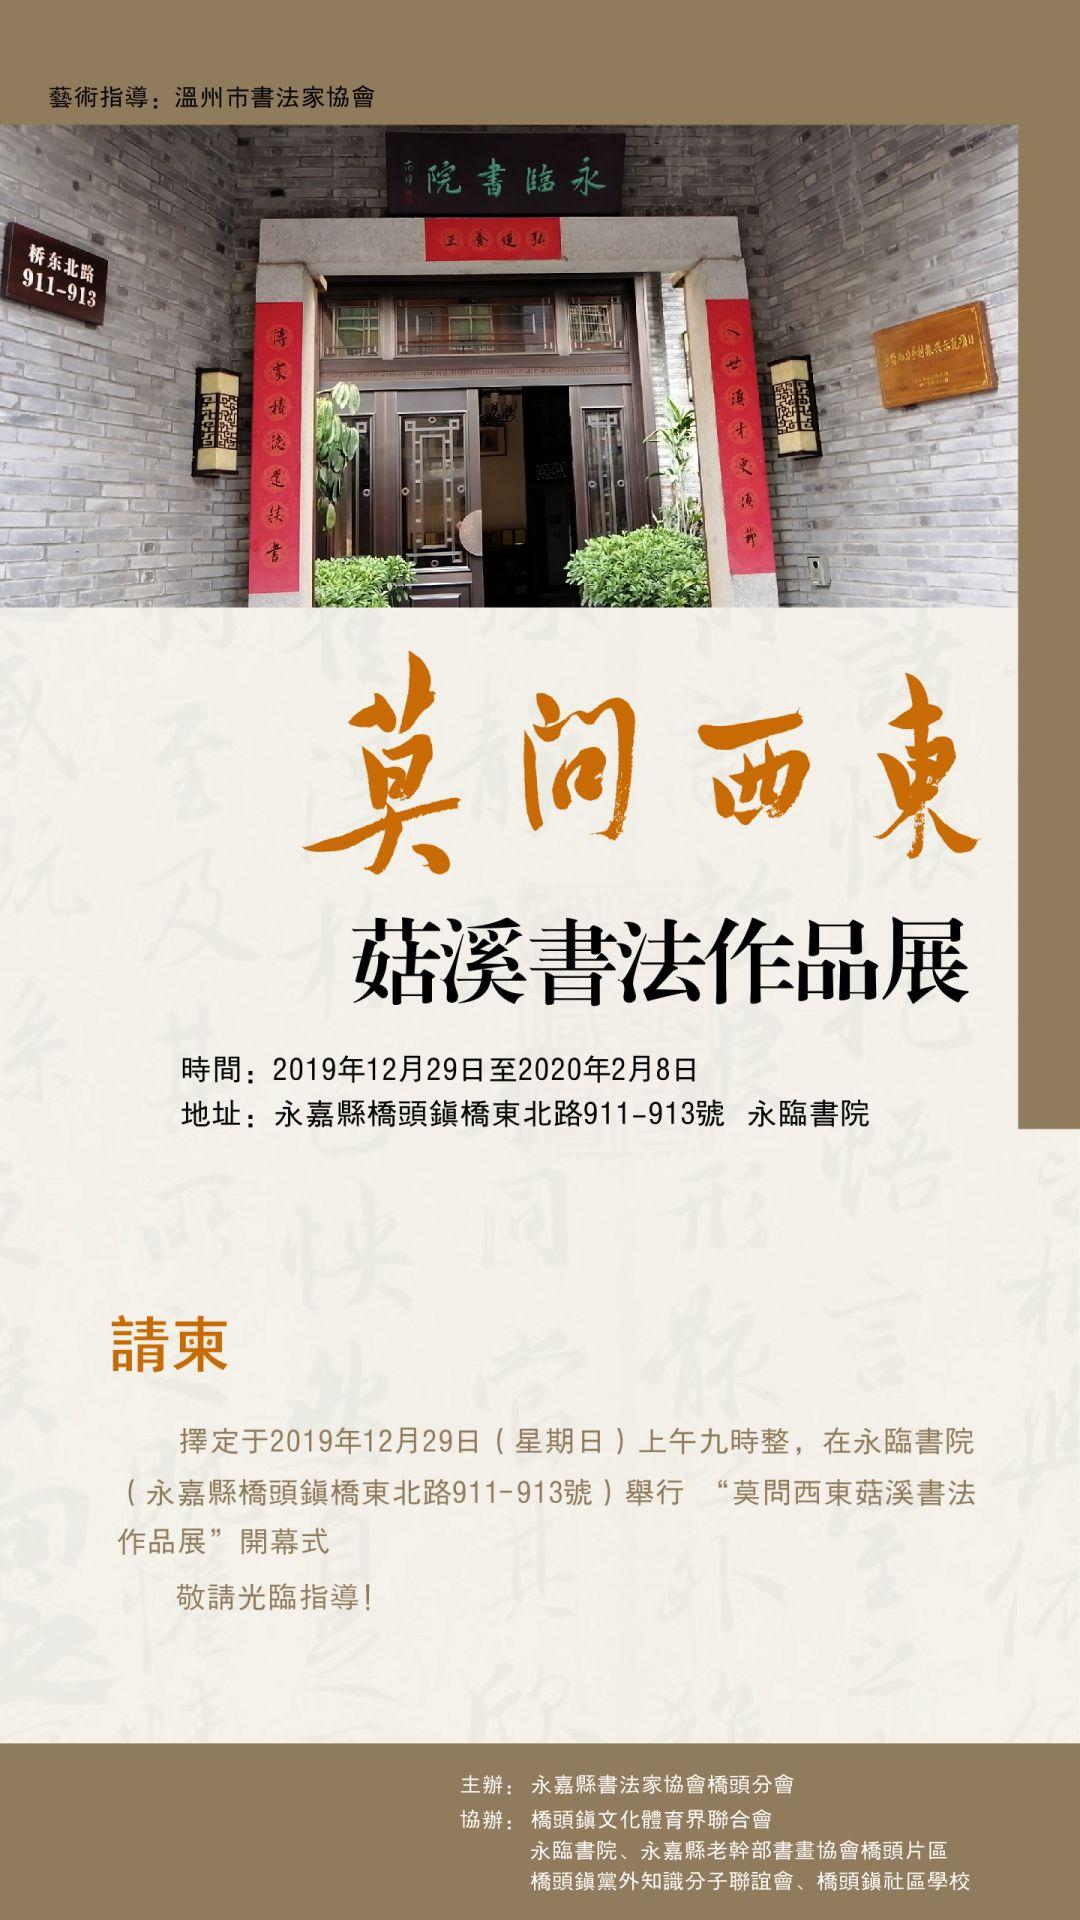 """12月29日,桥头""""莫问西东—菇溪书法作品展""""隆重开幕,很多大人物要来..."""